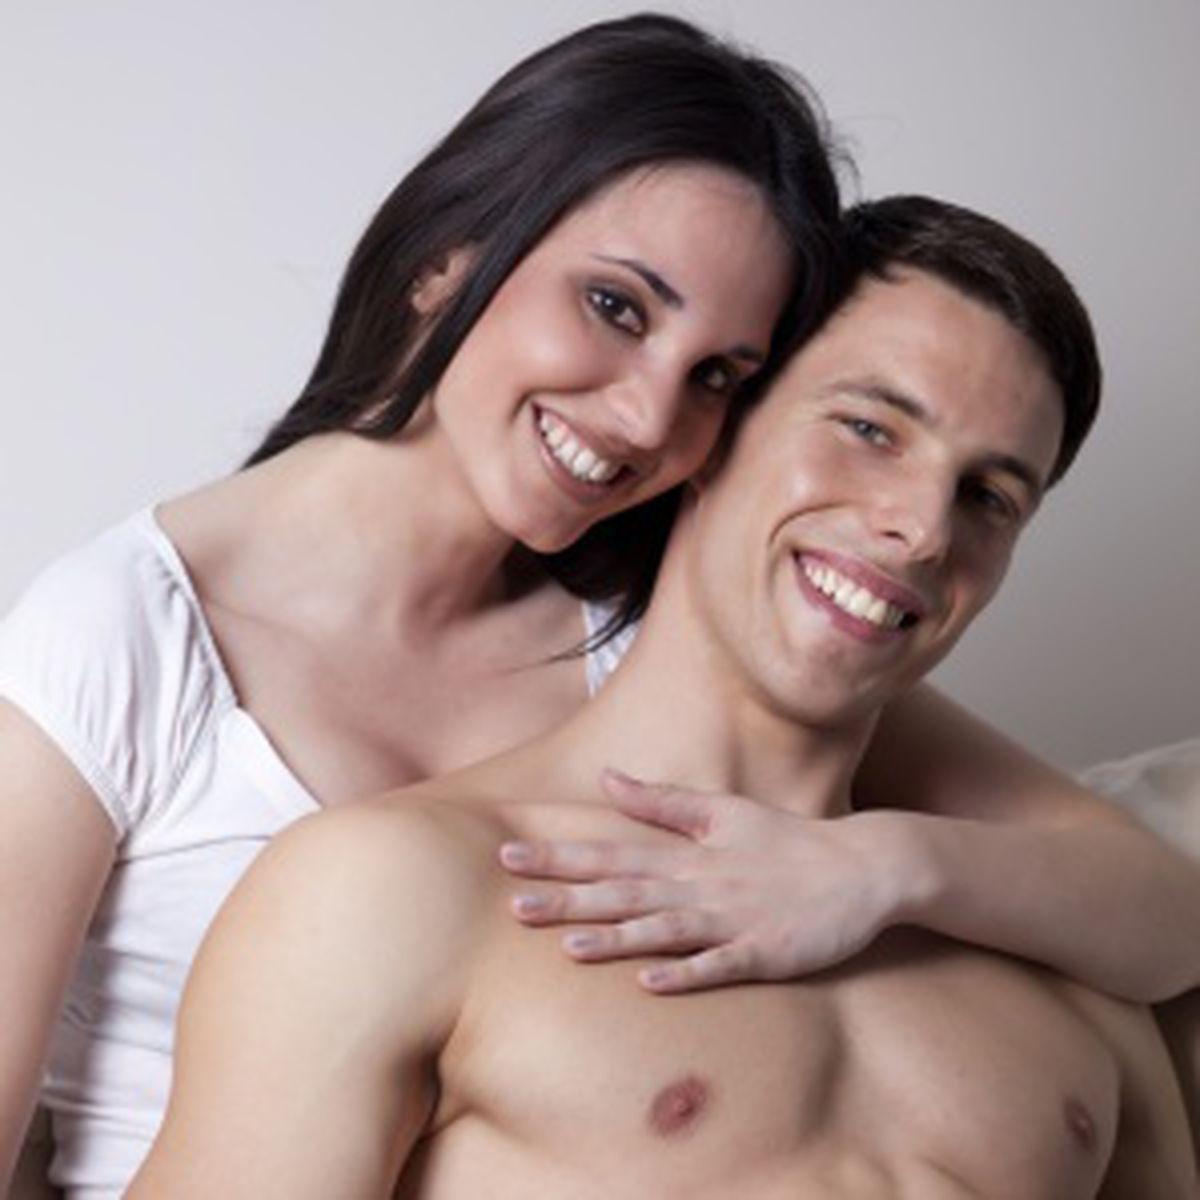 Tehnica pentru marirea penisului